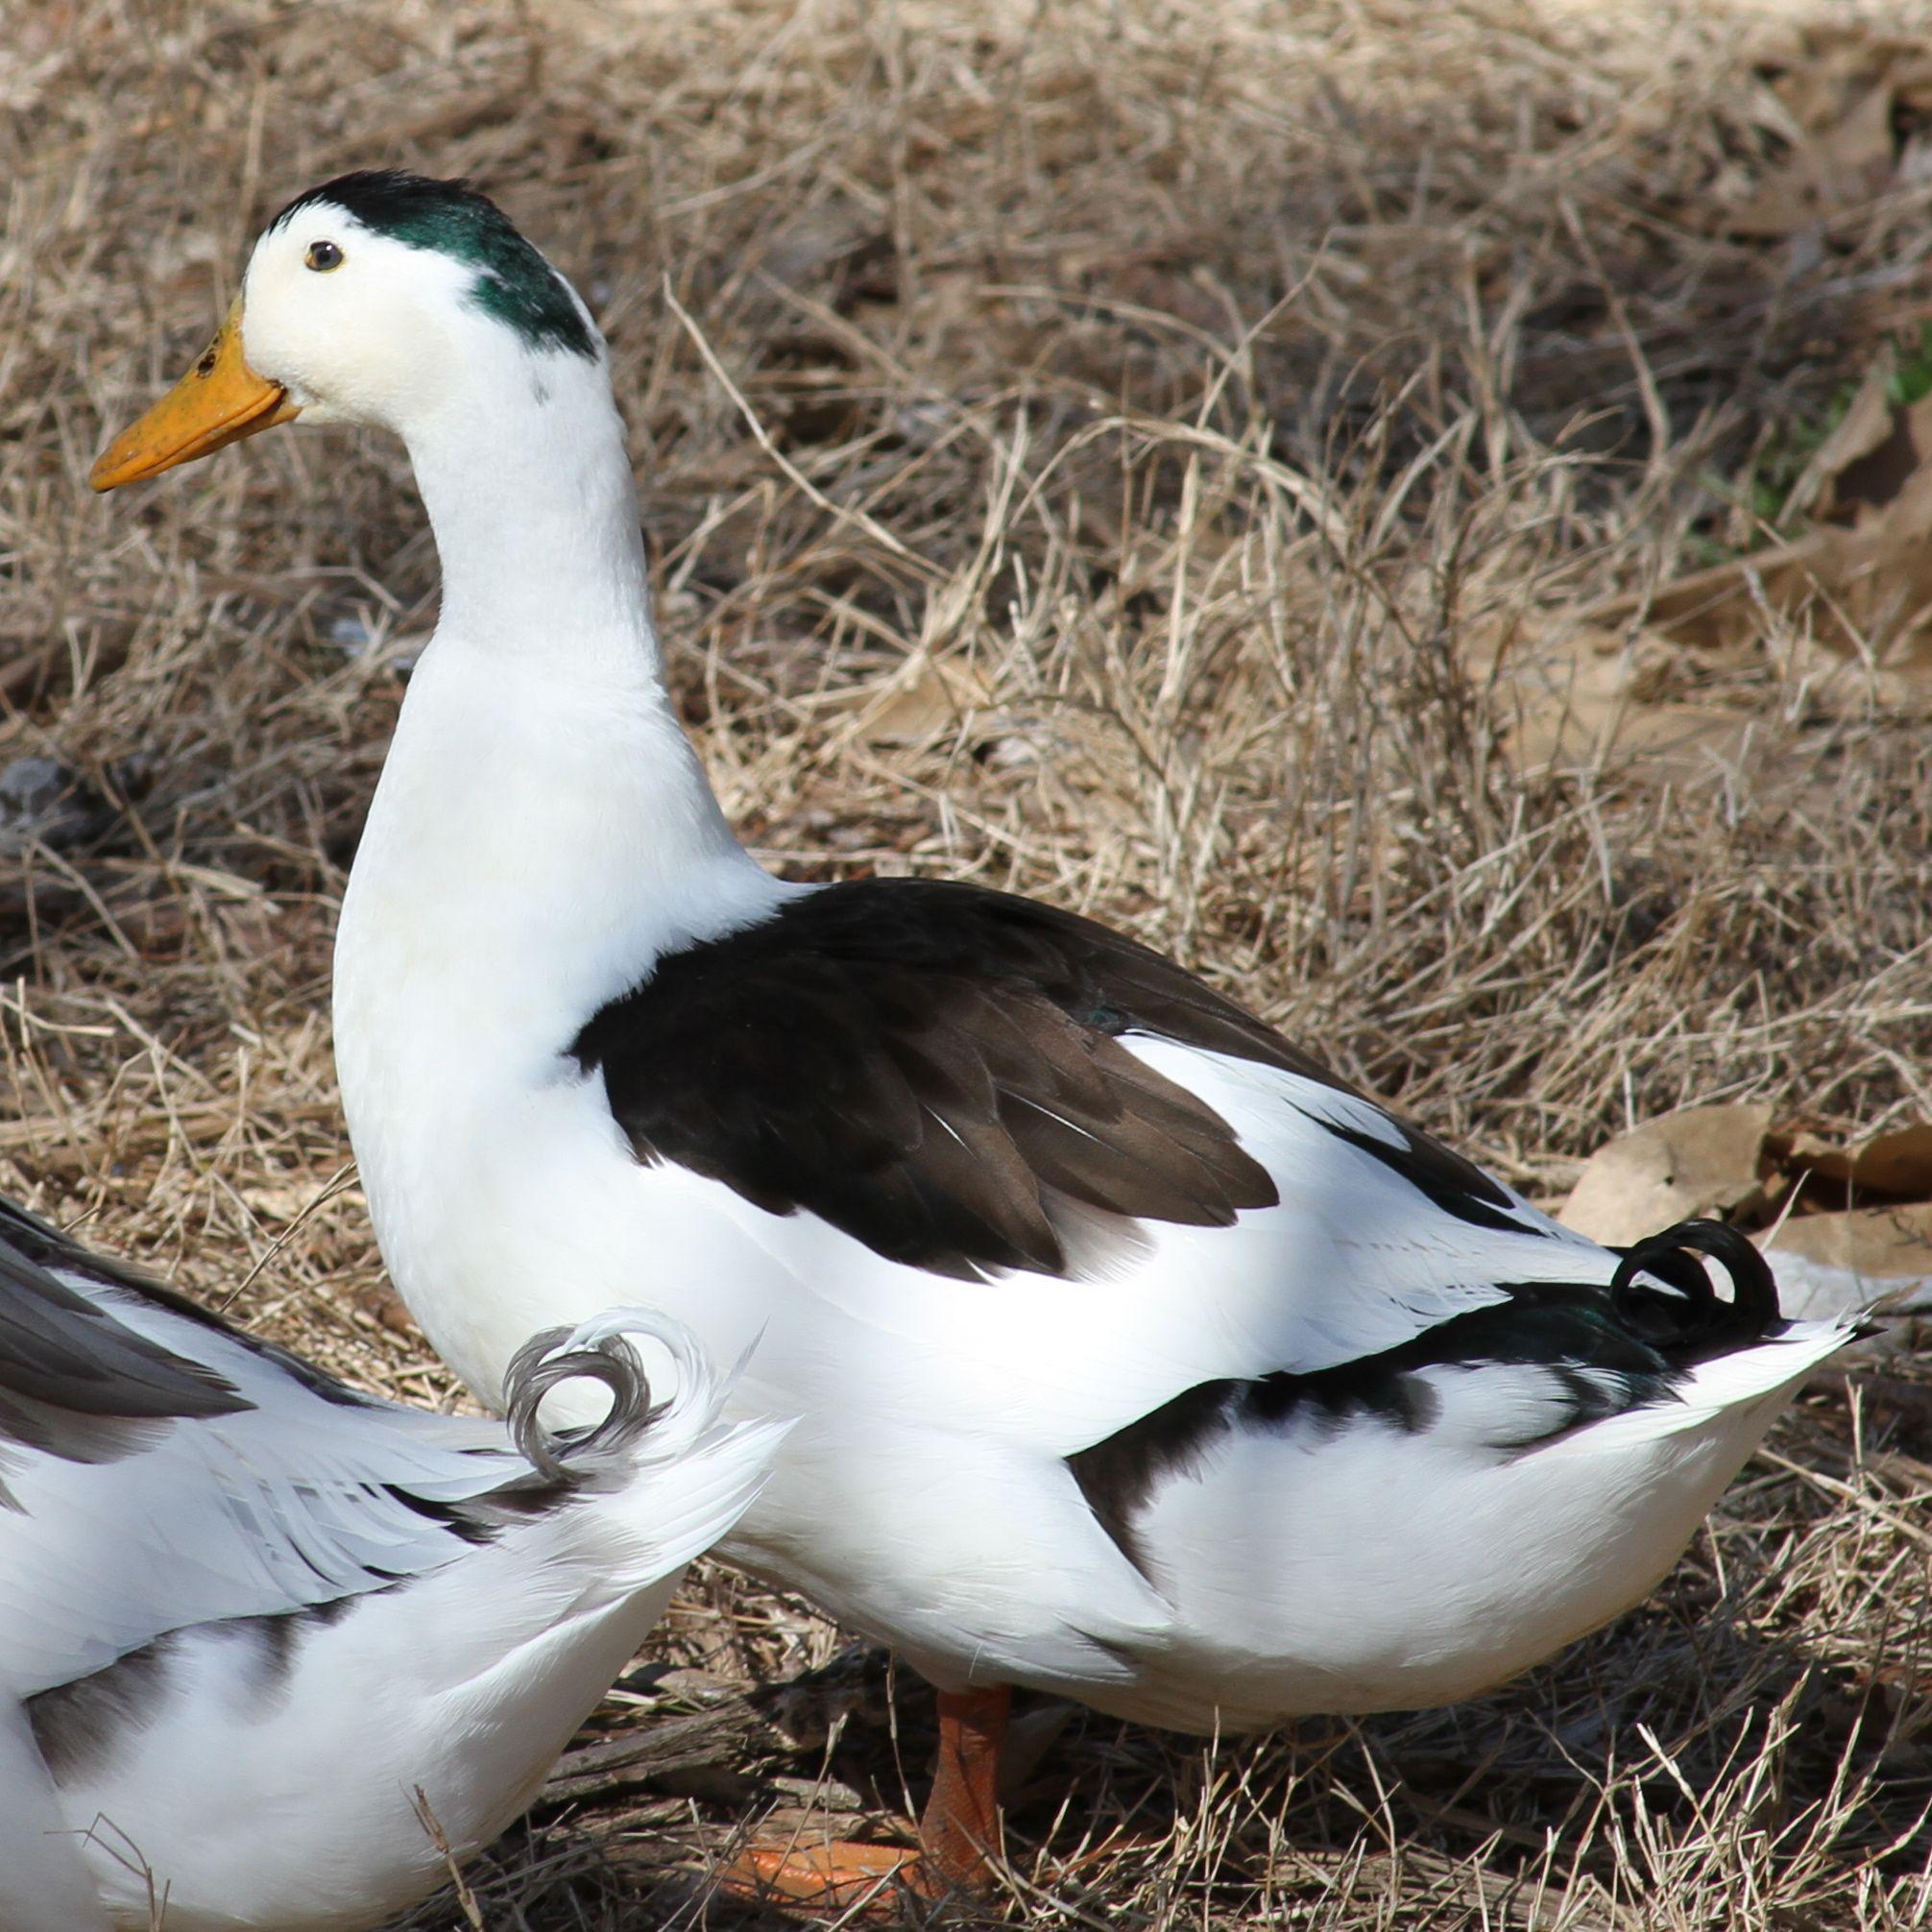 Magpie Ducks